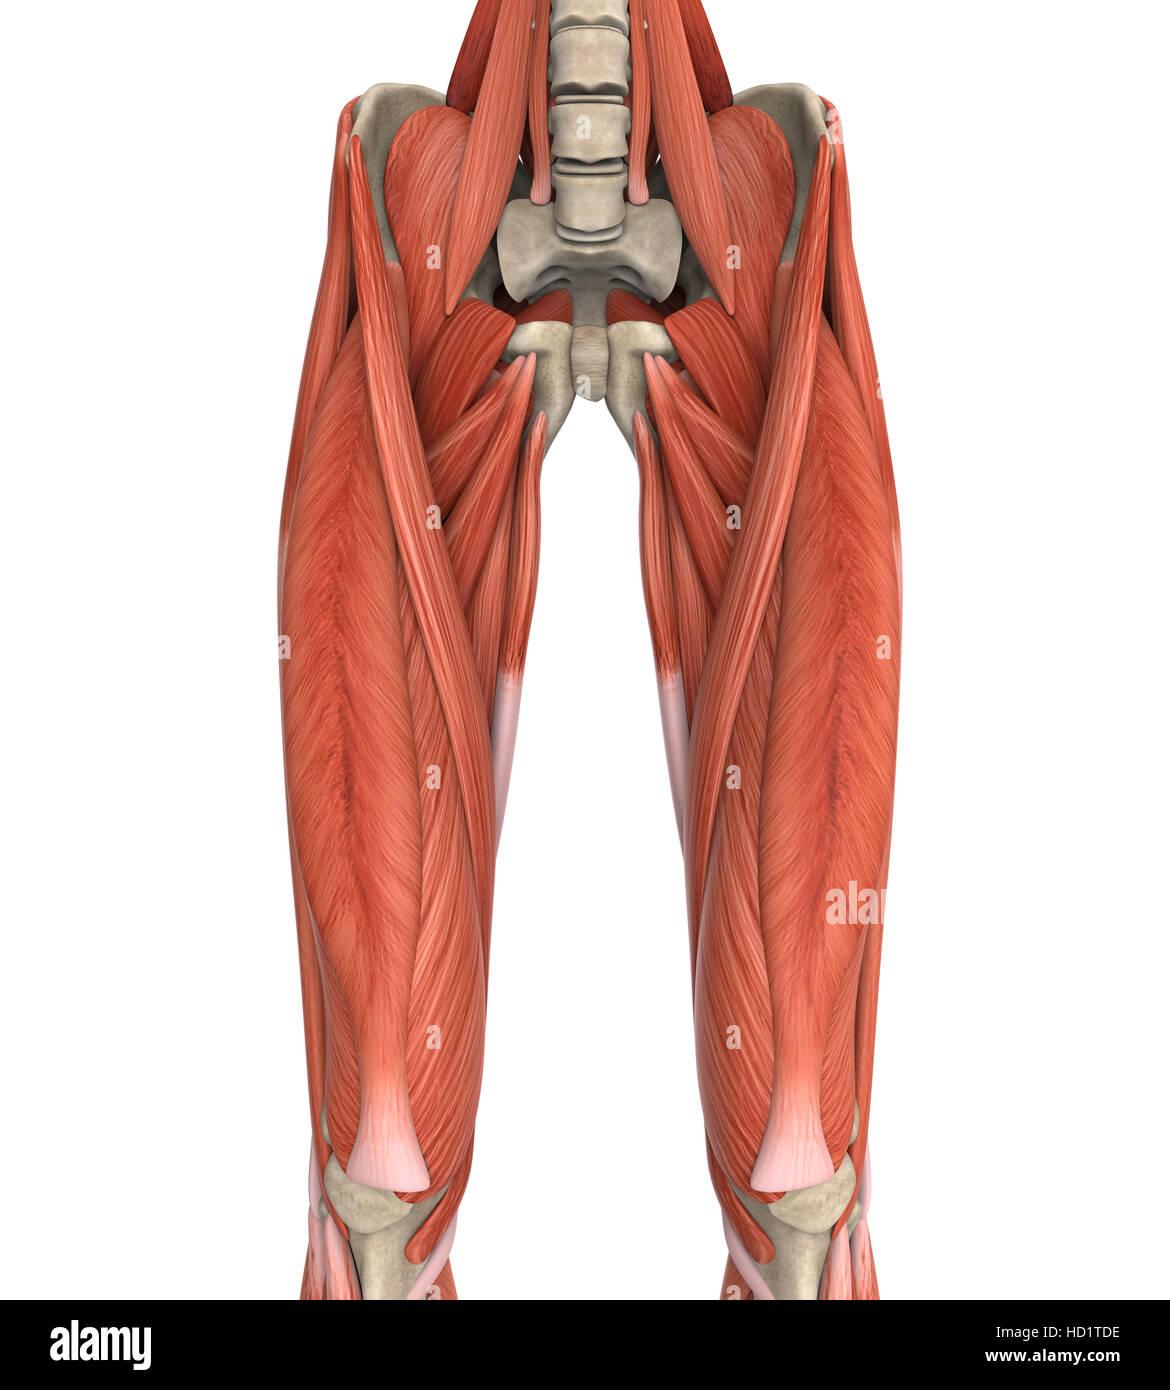 Human Upper Leg Muscles Stock Photos & Human Upper Leg Muscles Stock ...